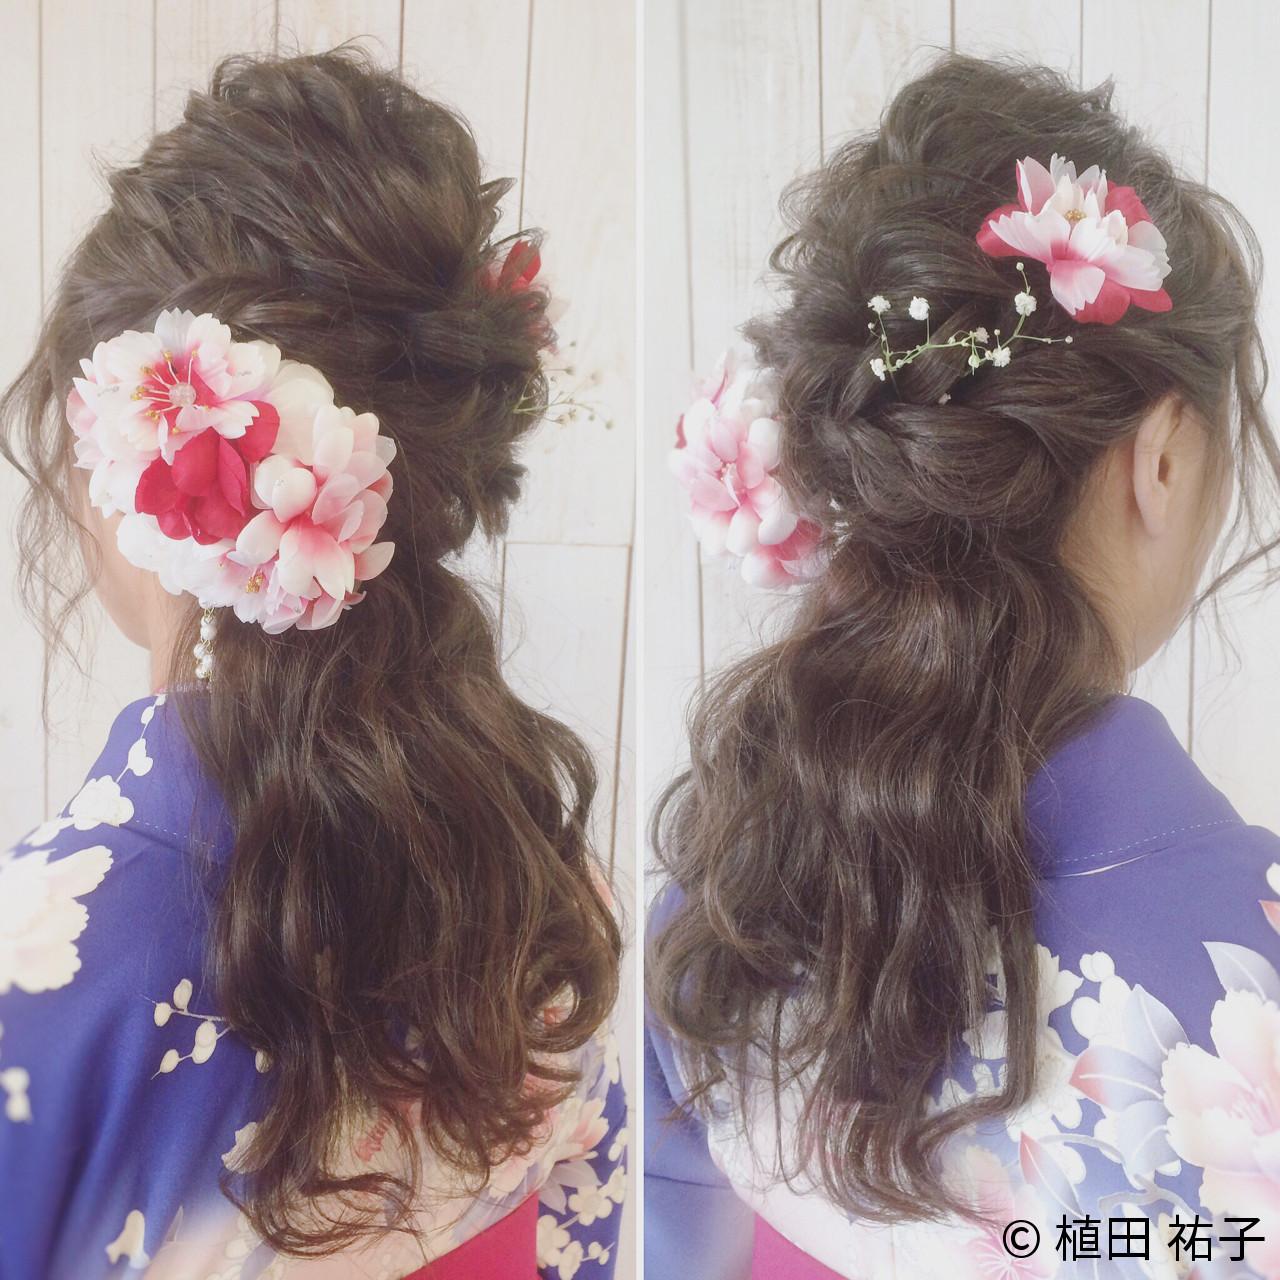 はんなり美しい着物美人に♡華やか艶やか和装にぴったりの髪型 植田 祐子